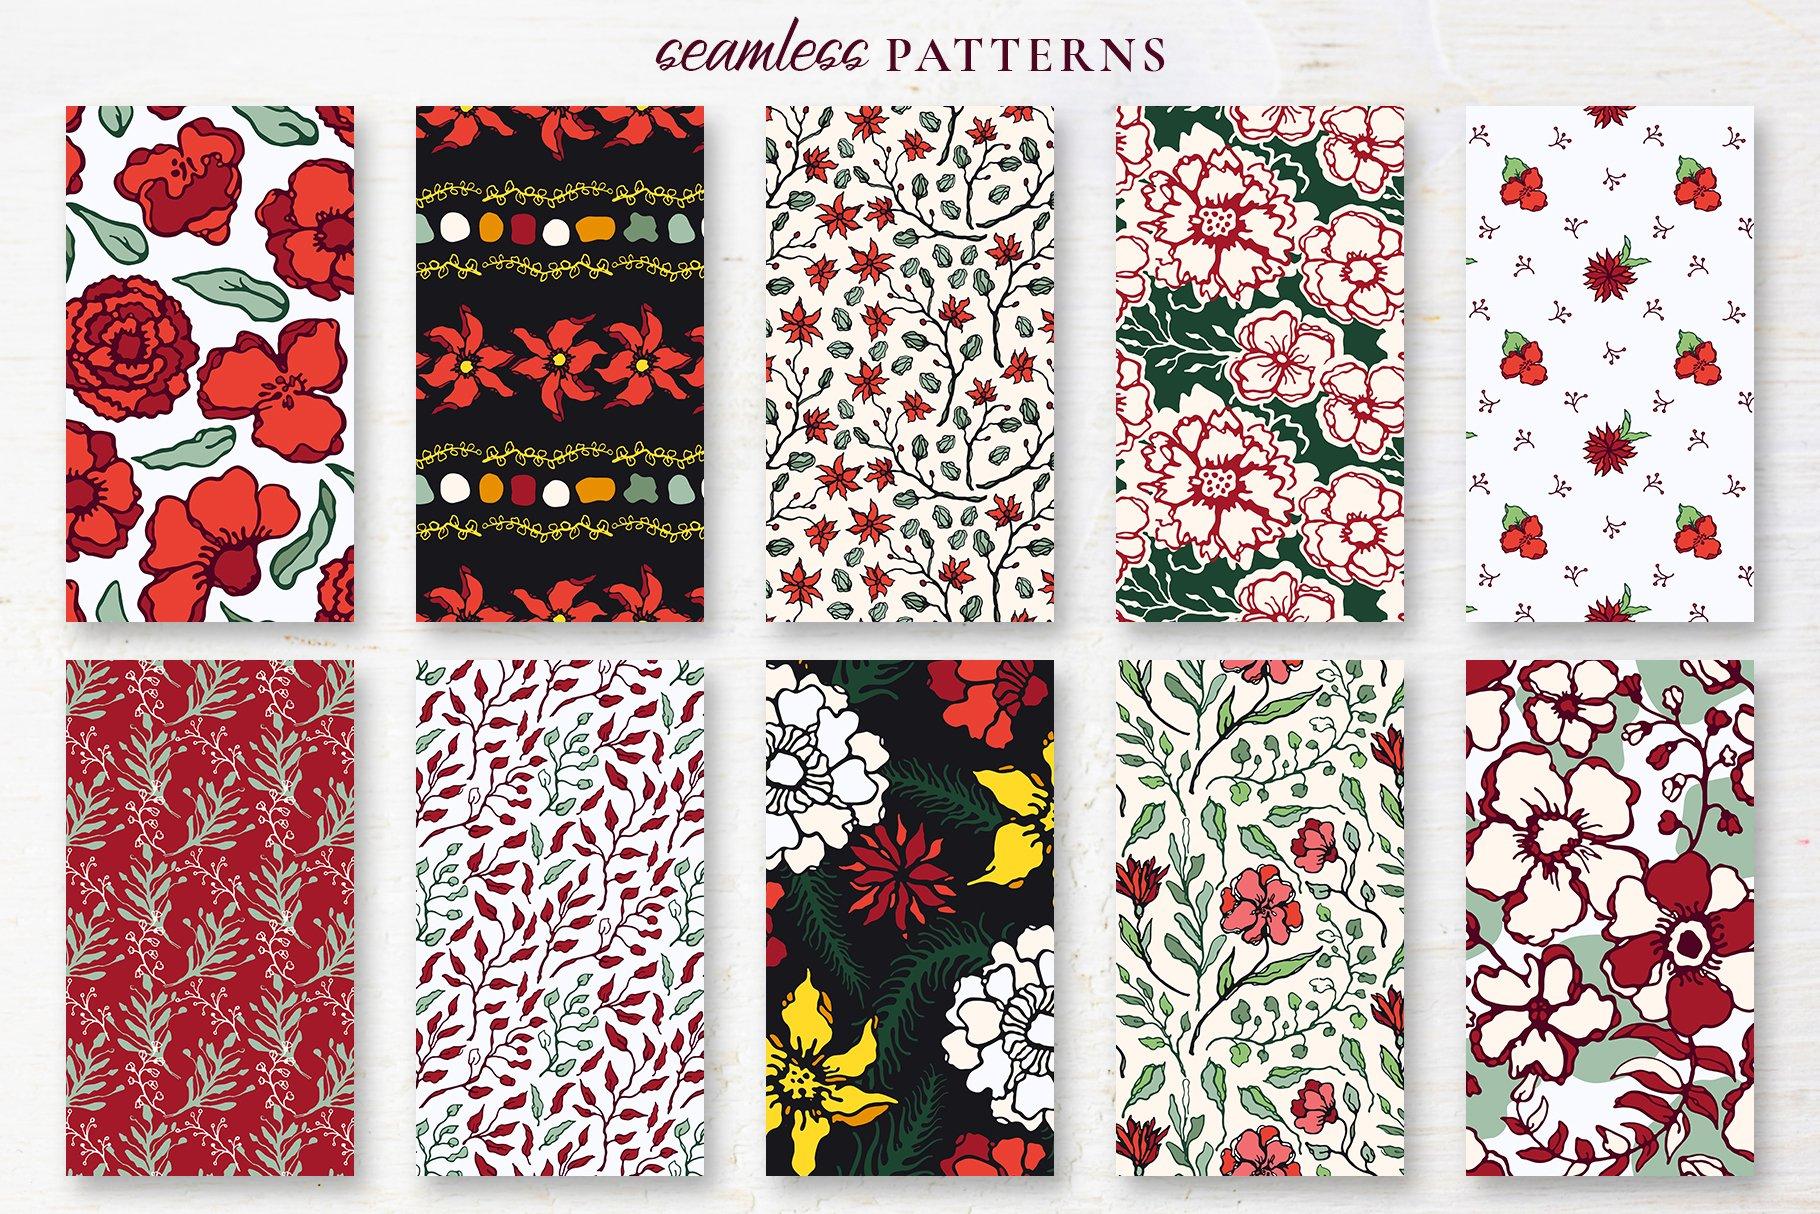 150多款时尚优雅花卉框架抽象形状手绘插画设计素材 Winter Floral Patterns & Elements插图16